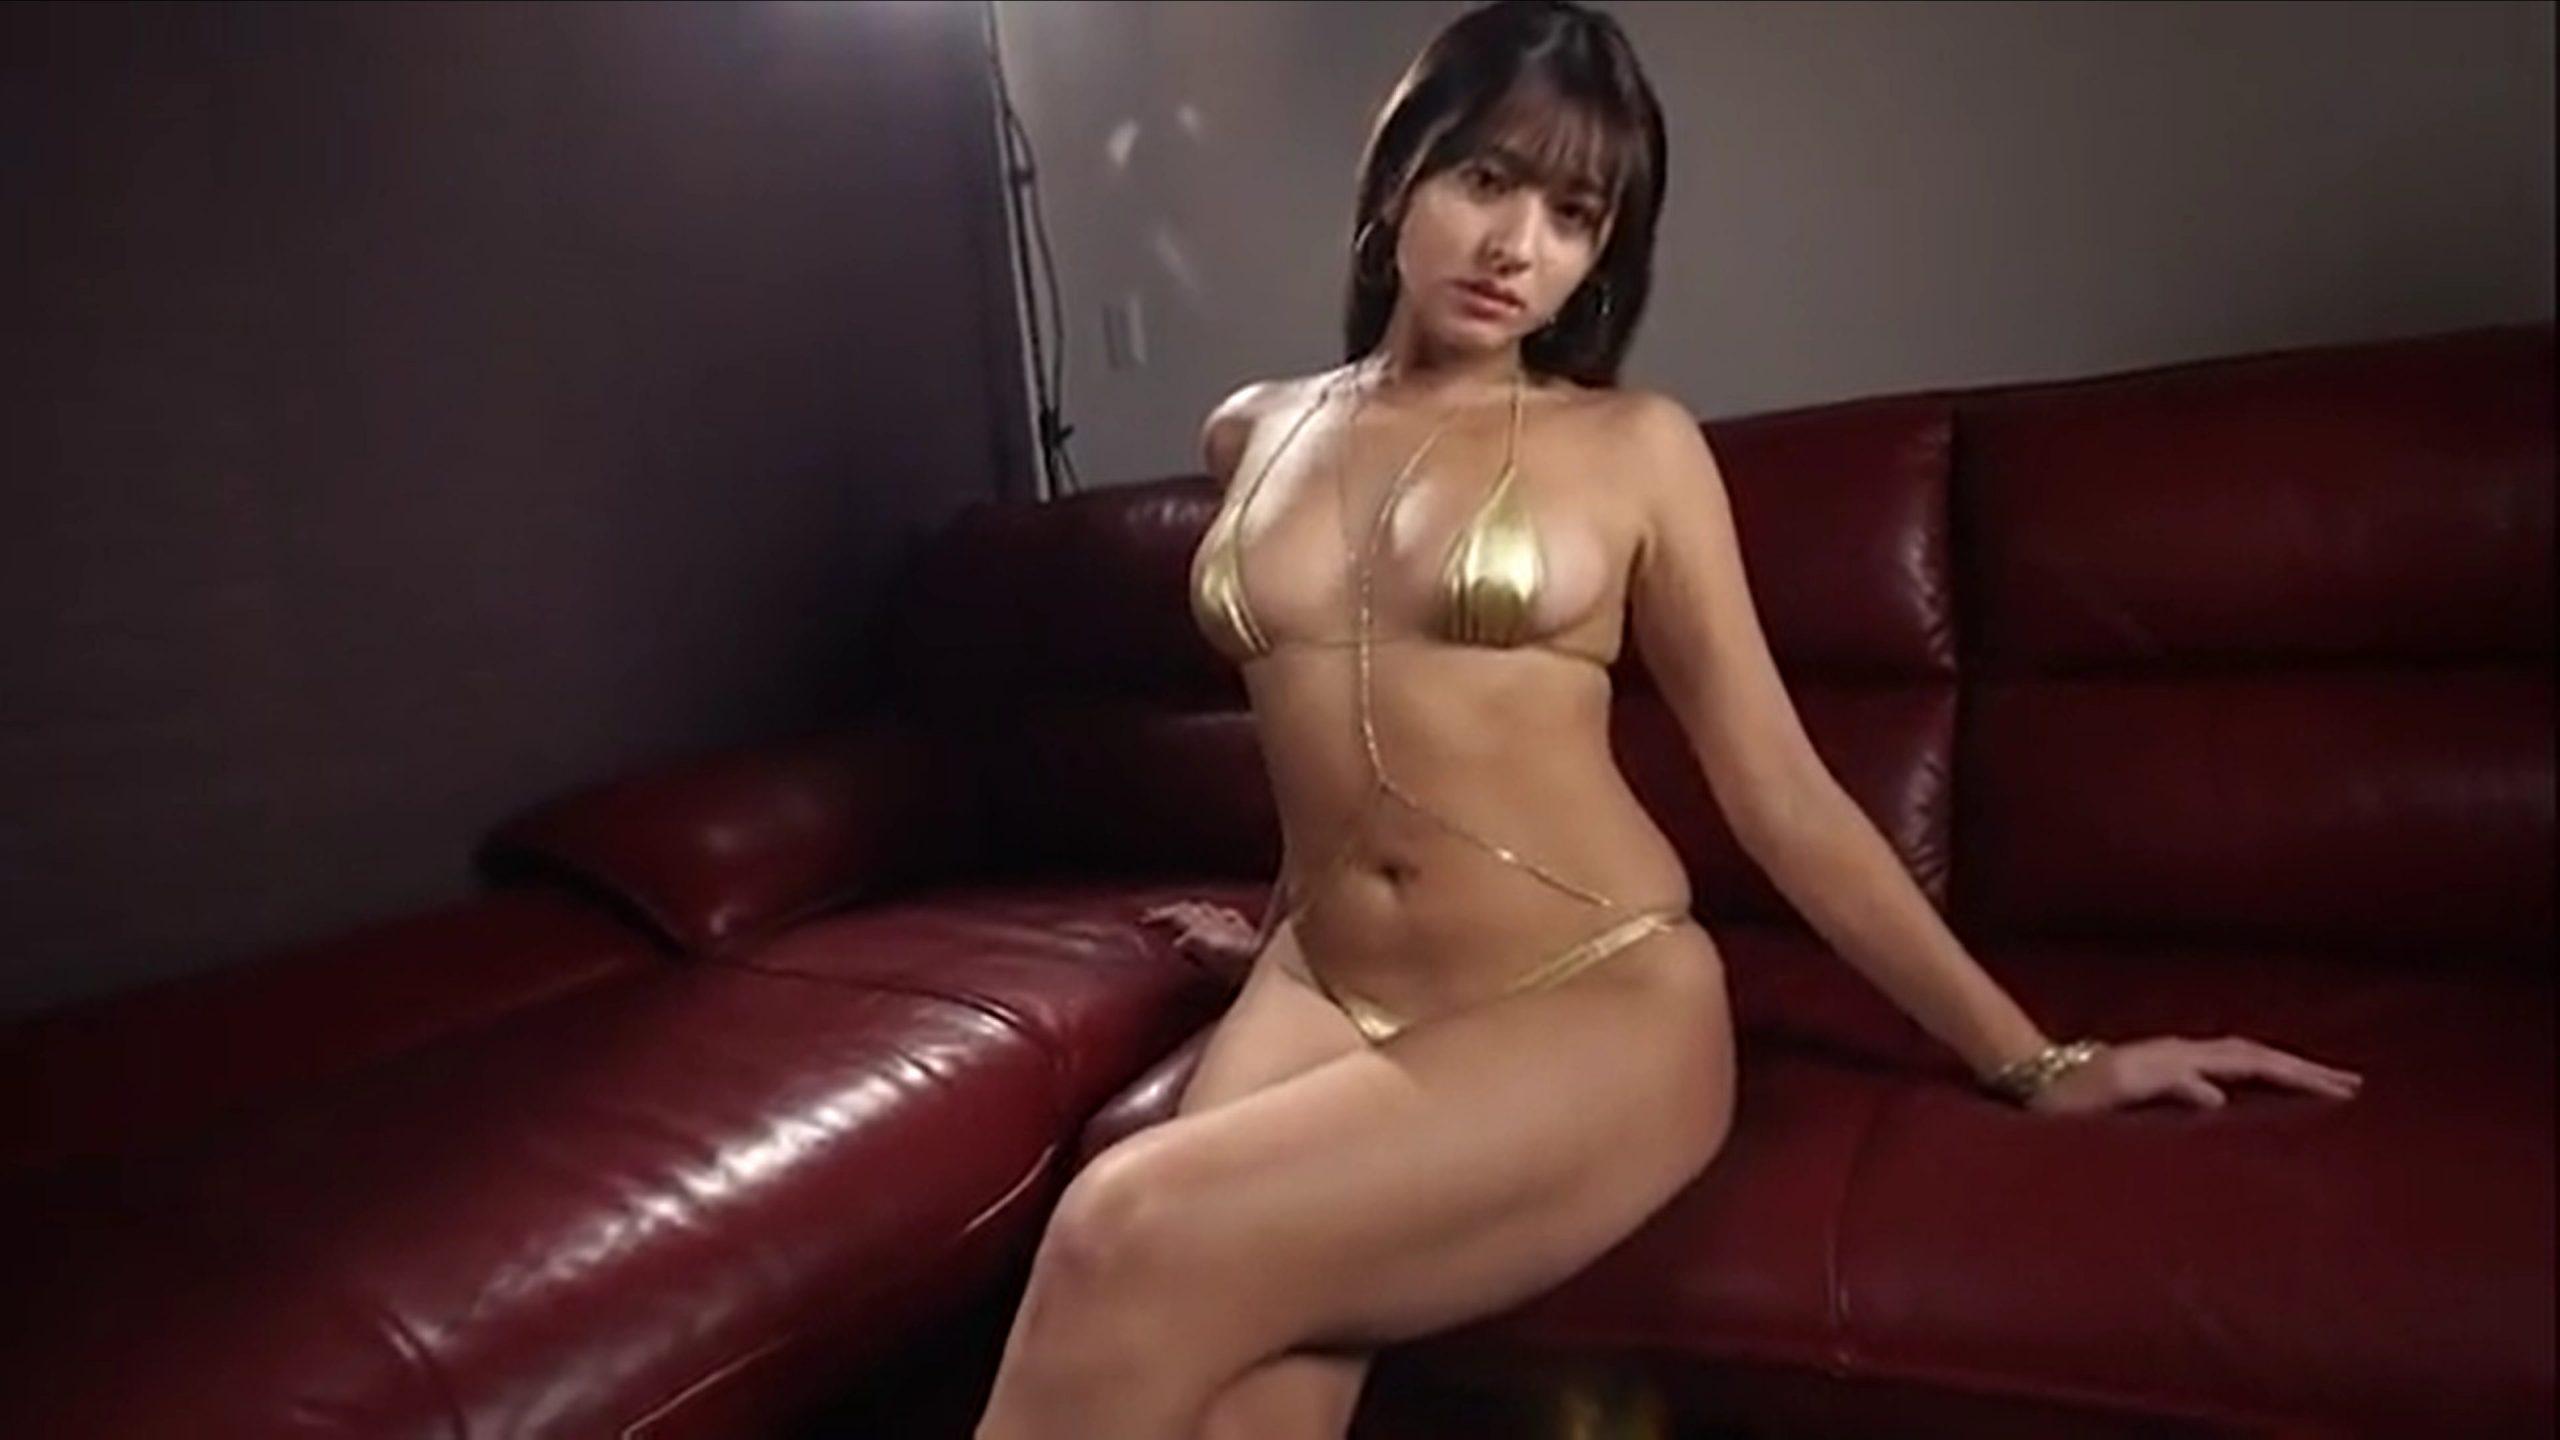 【徳江かな】Eカップ9 「日焼けした彼女をずっと忘れない」サンプル動画